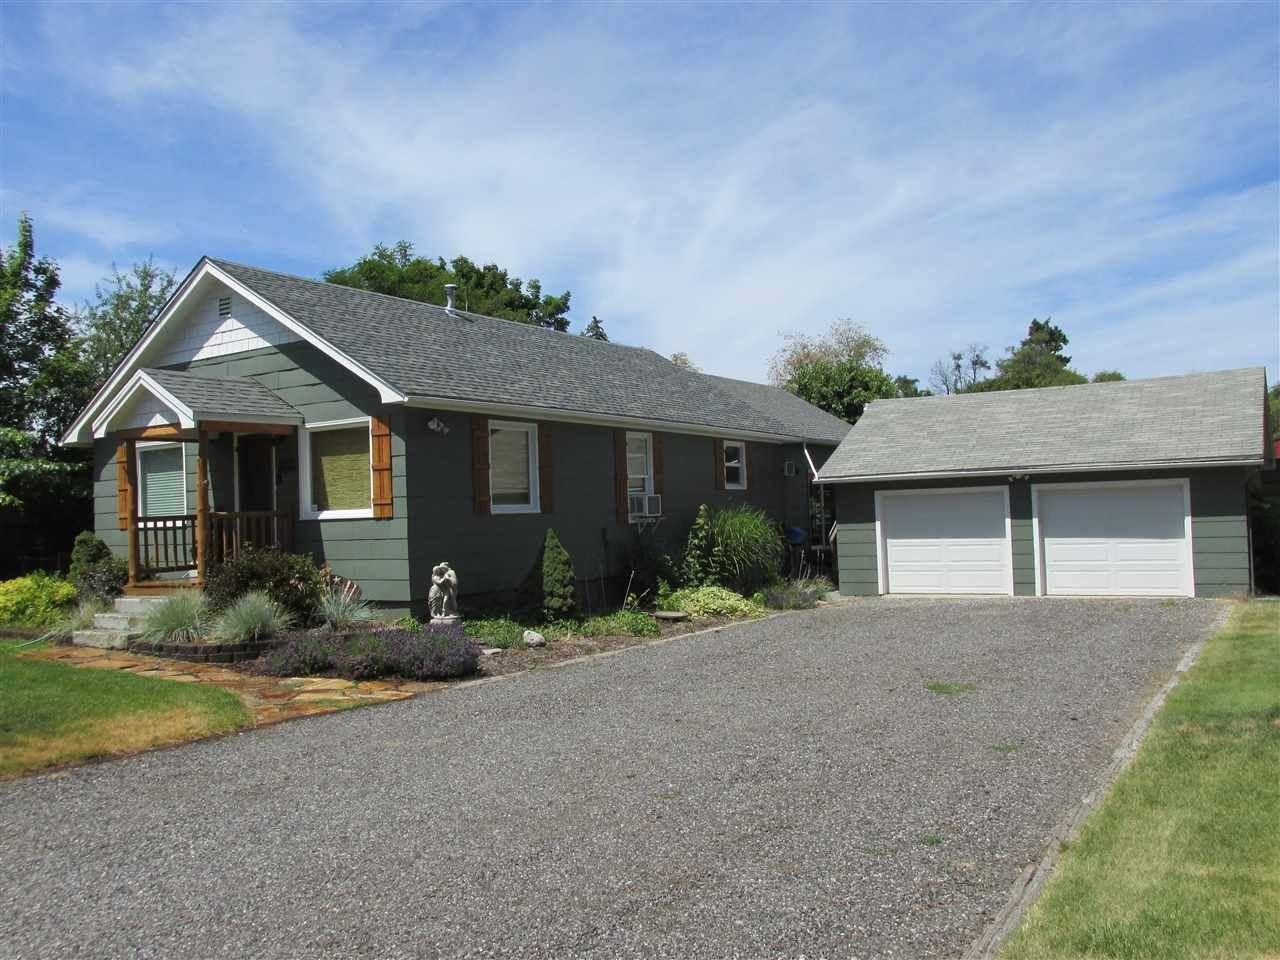 11913 E 4th Ave, Spokane Valley, WA 99206 - #: 202018676